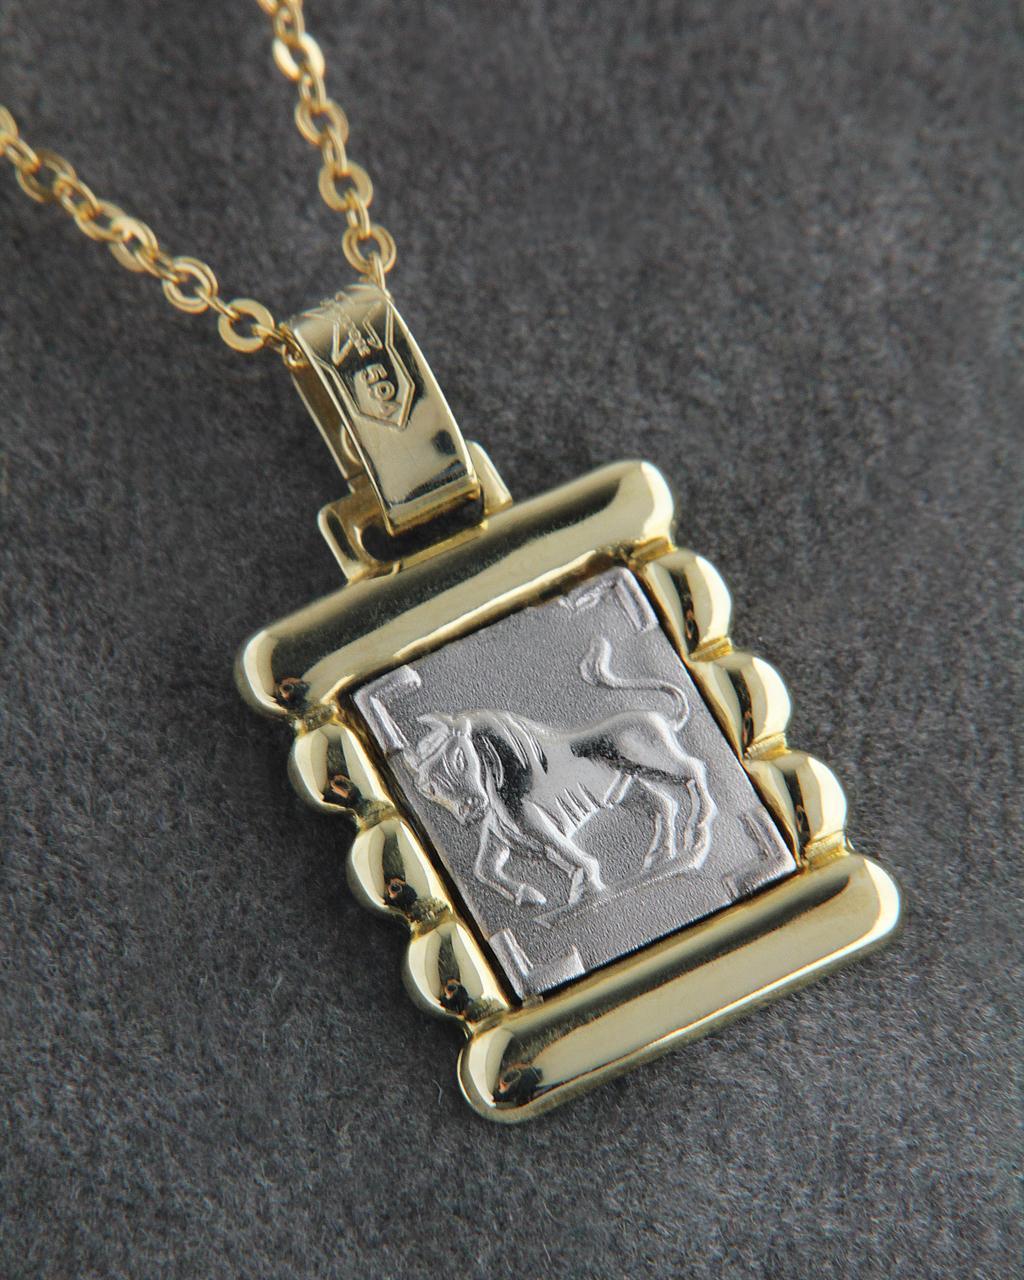 Κρεμαστό ζώδιο Ταύρος χρυσό   λευκόχρυσο Κ14  e6b28d95ecb